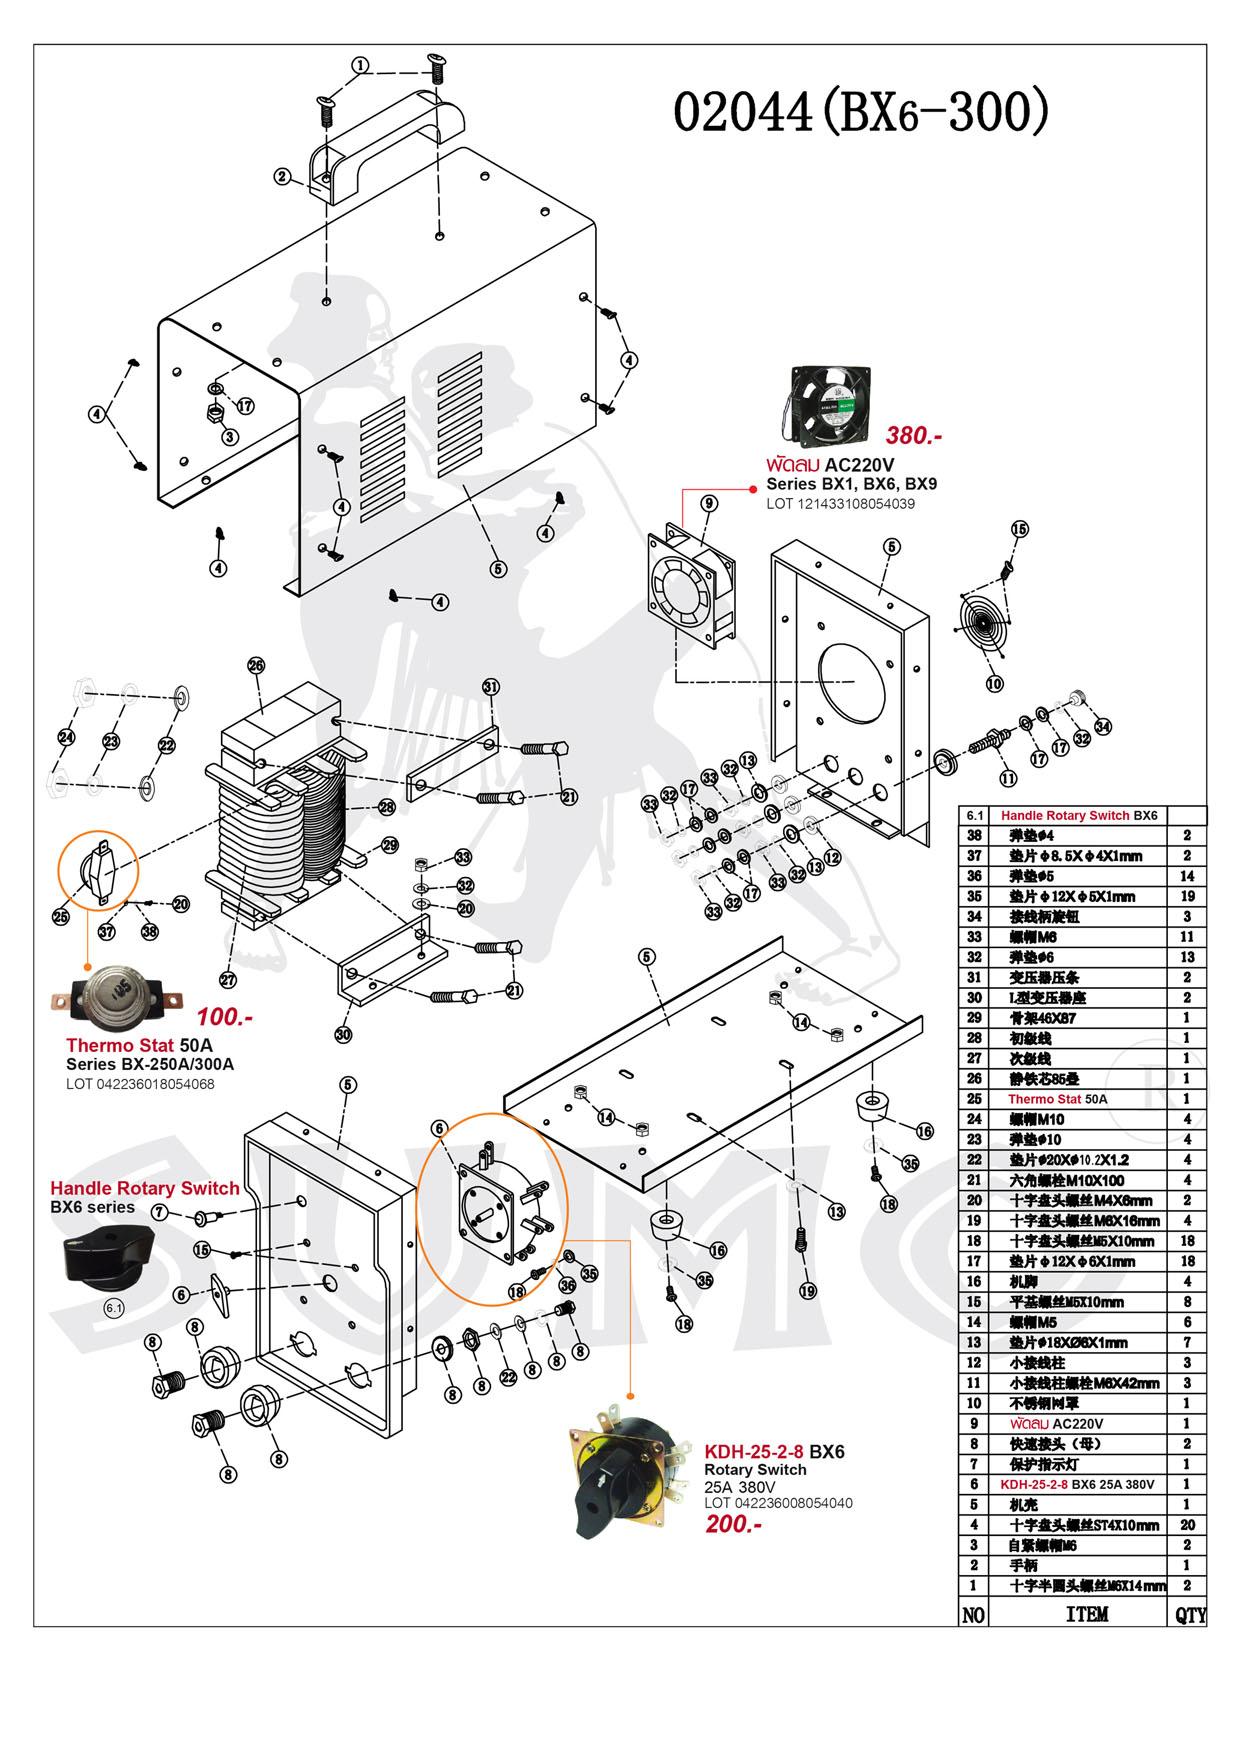 เครื่องเชื่อมไฟฟ้า - Welding Machine BX6-200 Series